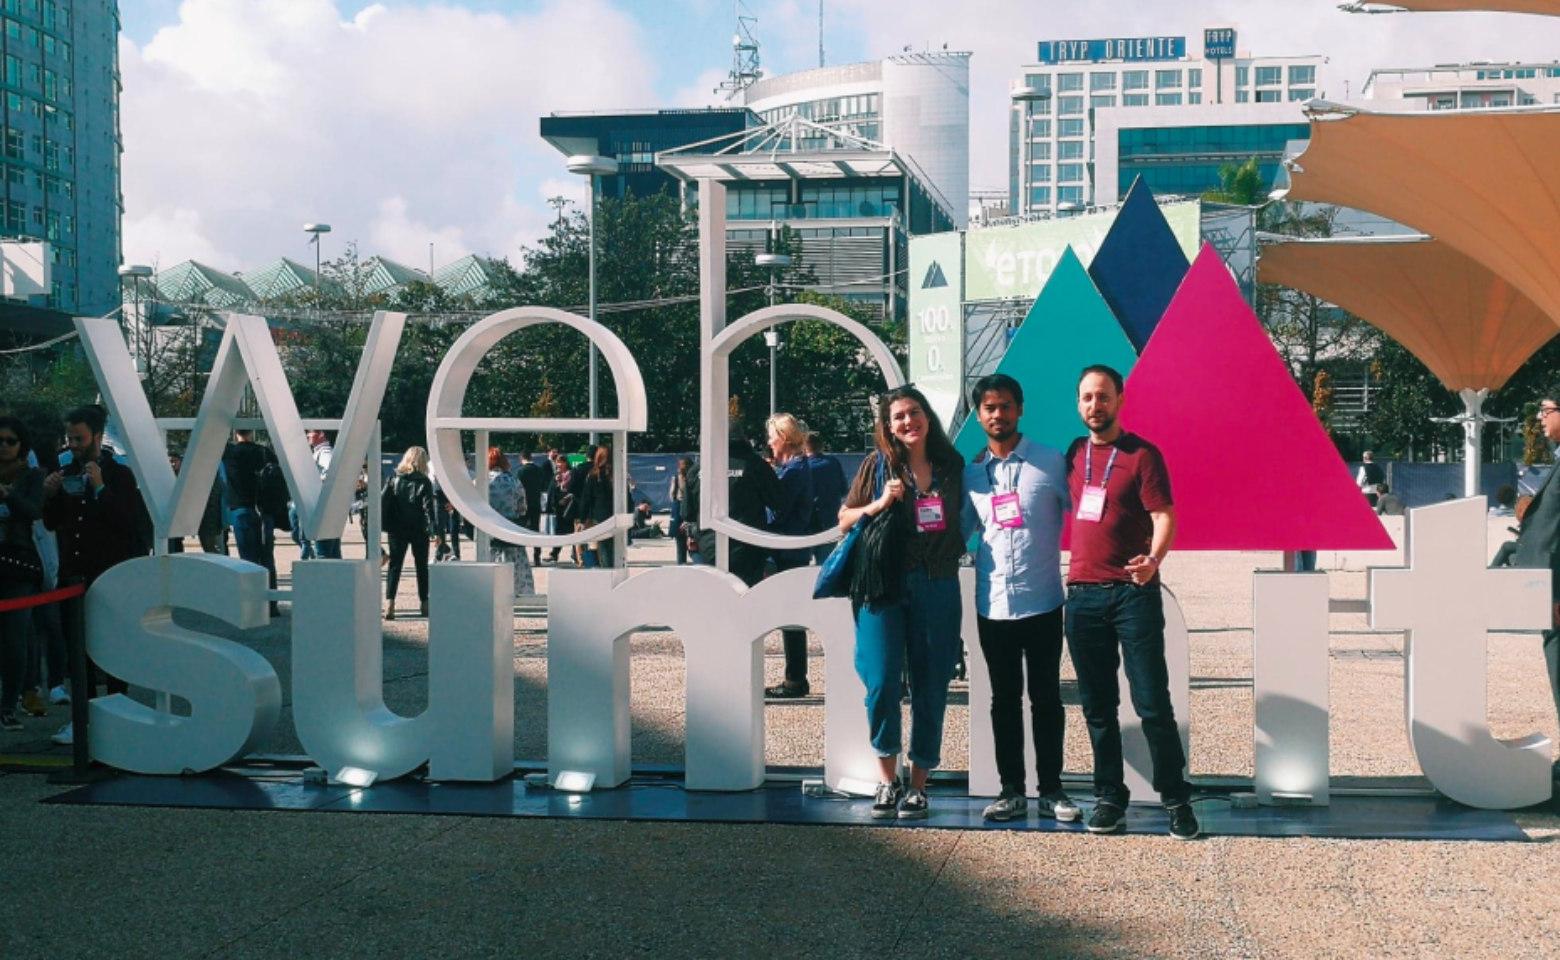 Le projet interne de Cherry Pulp présenté au Web Summit